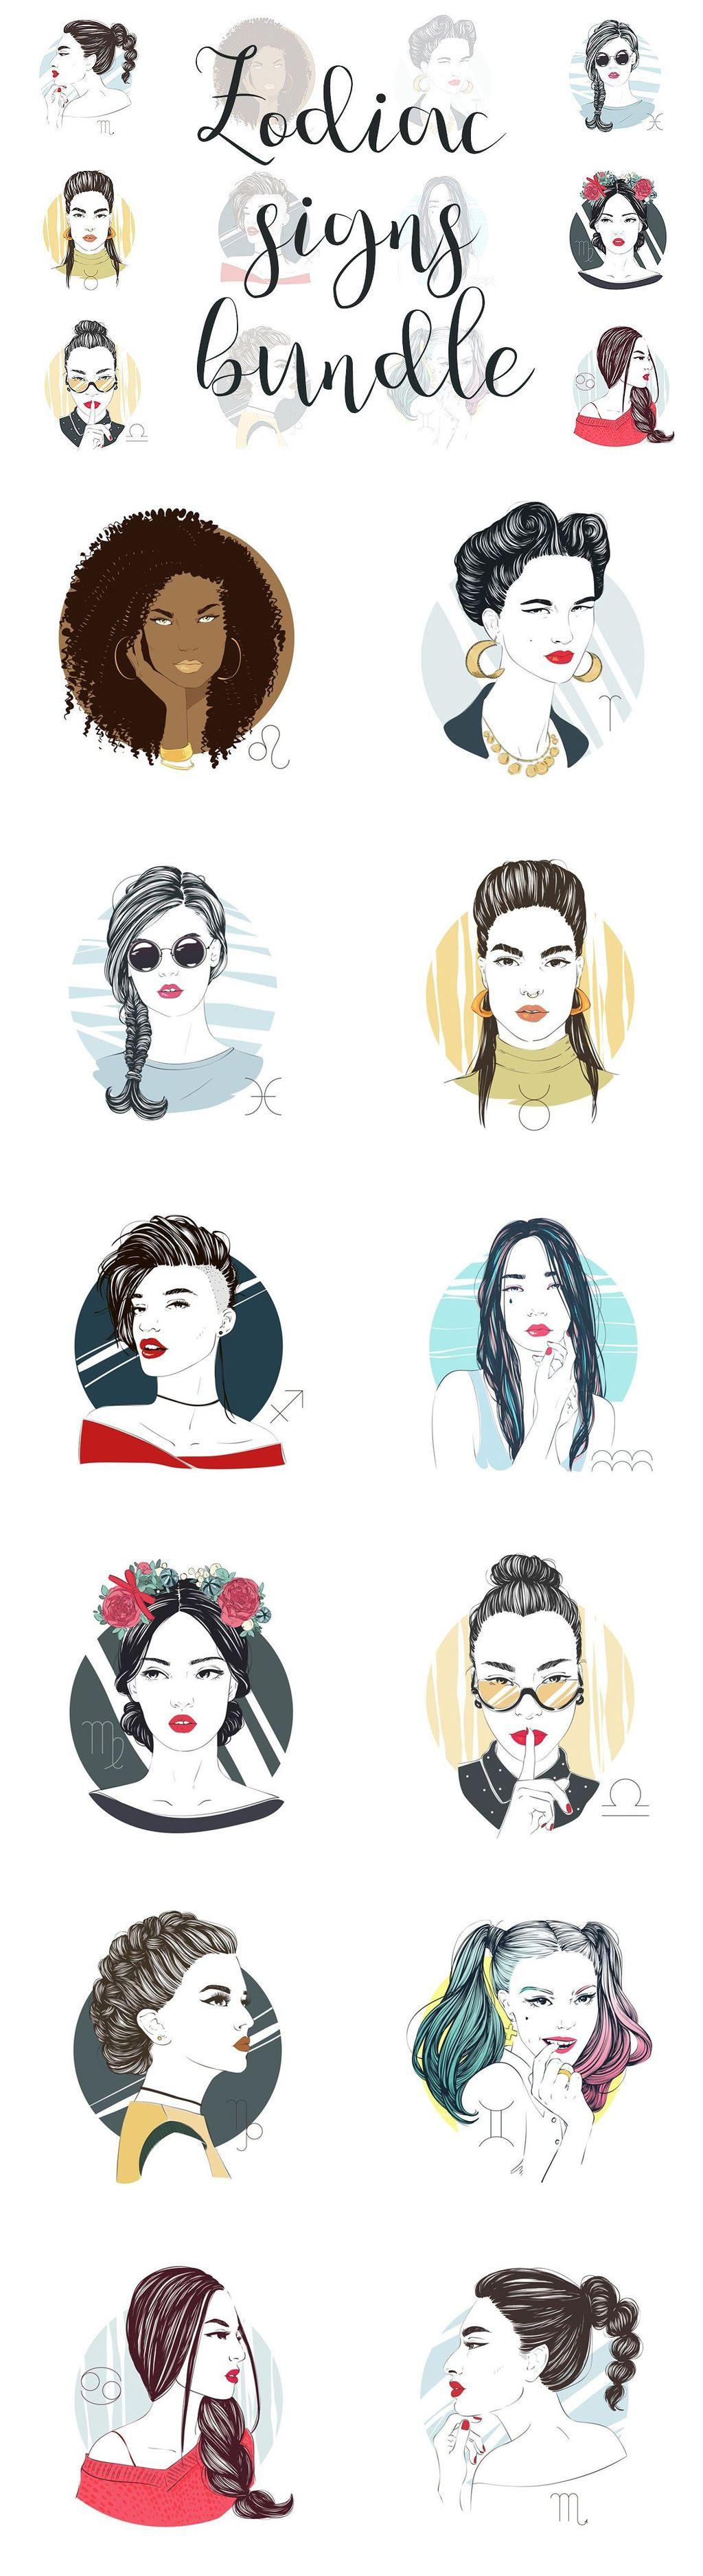 设计元素 人物形象 动漫人物 > 时尚手绘漫画风格美丽女孩头像插图